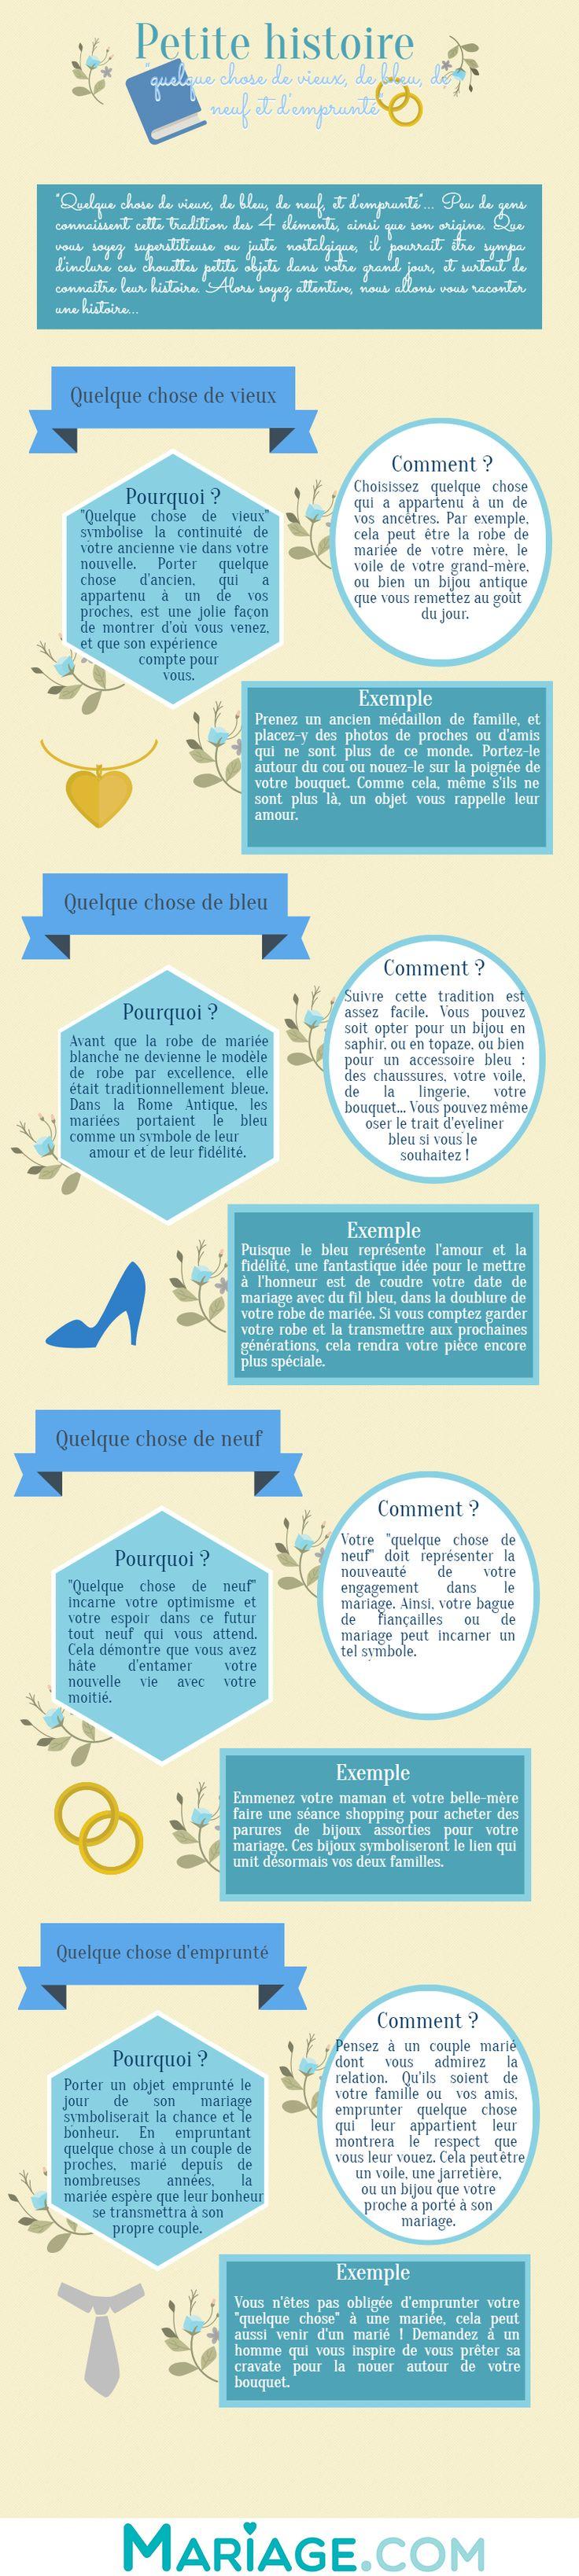 infographie histoire des traditions de mariage